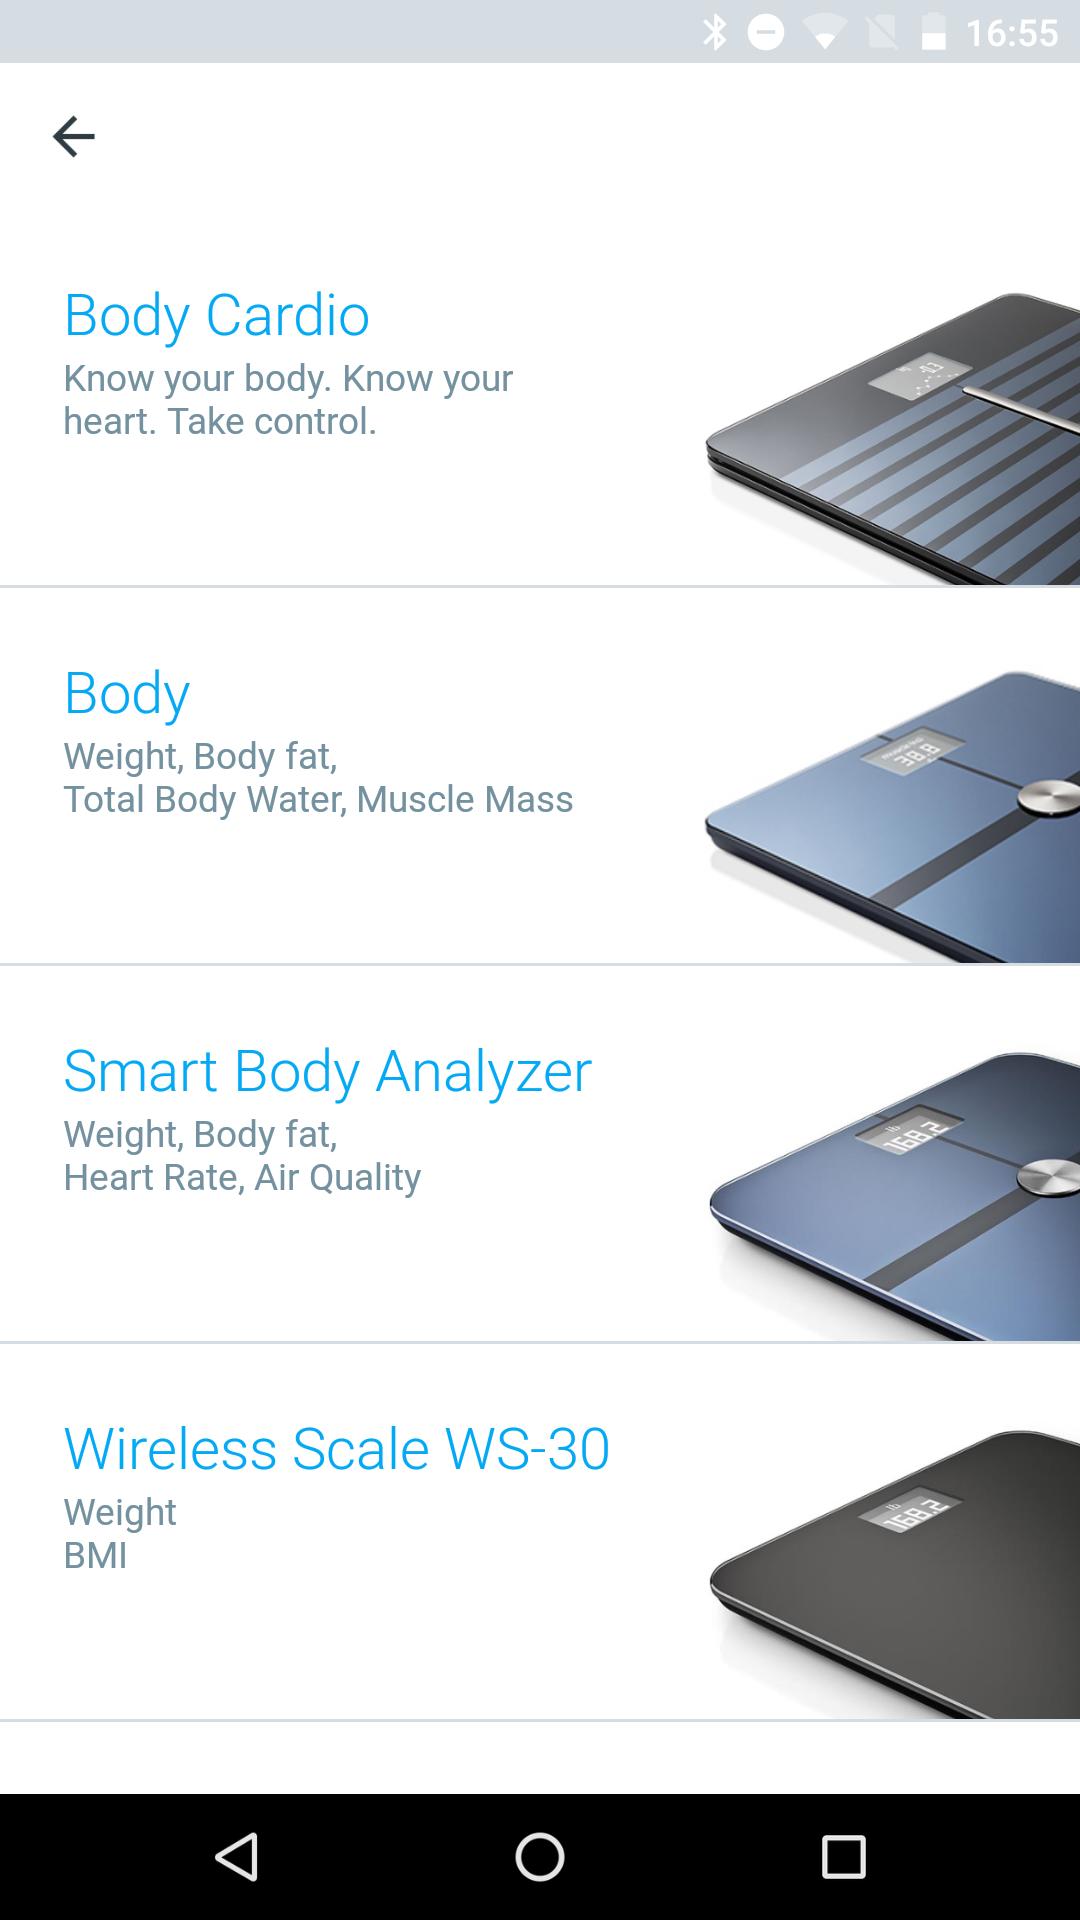 withings-body-cardio-setup-5